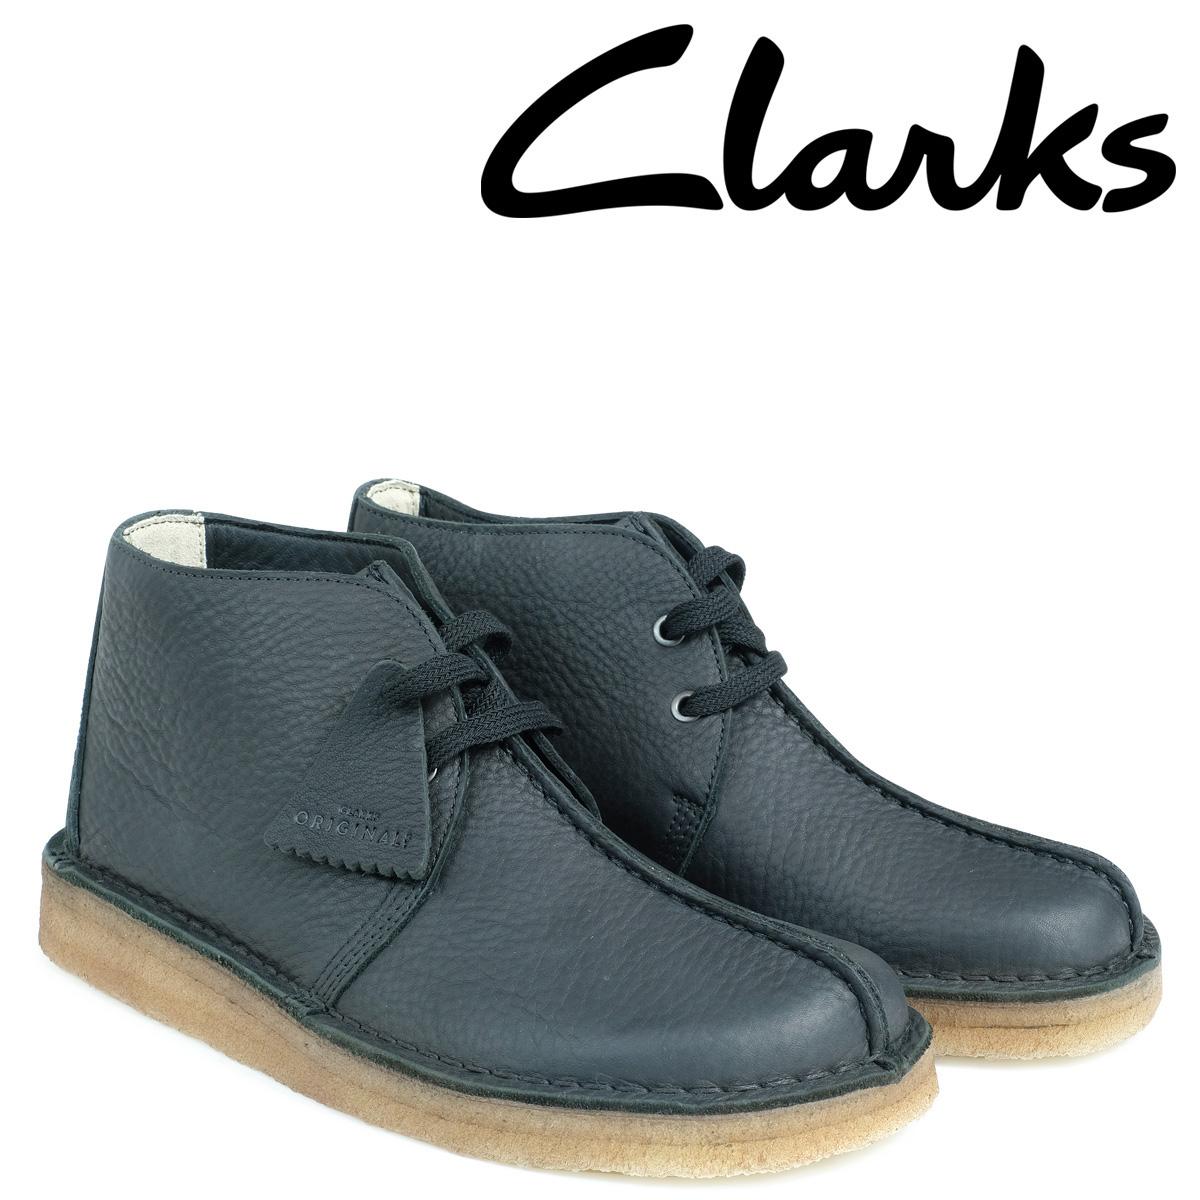 grote verscheidenheid aan stijlen nieuwe afbeeldingen van goedkoop te koop Kulaki Clarks dessert trek boots men DESERT TREK HI 26128366 black